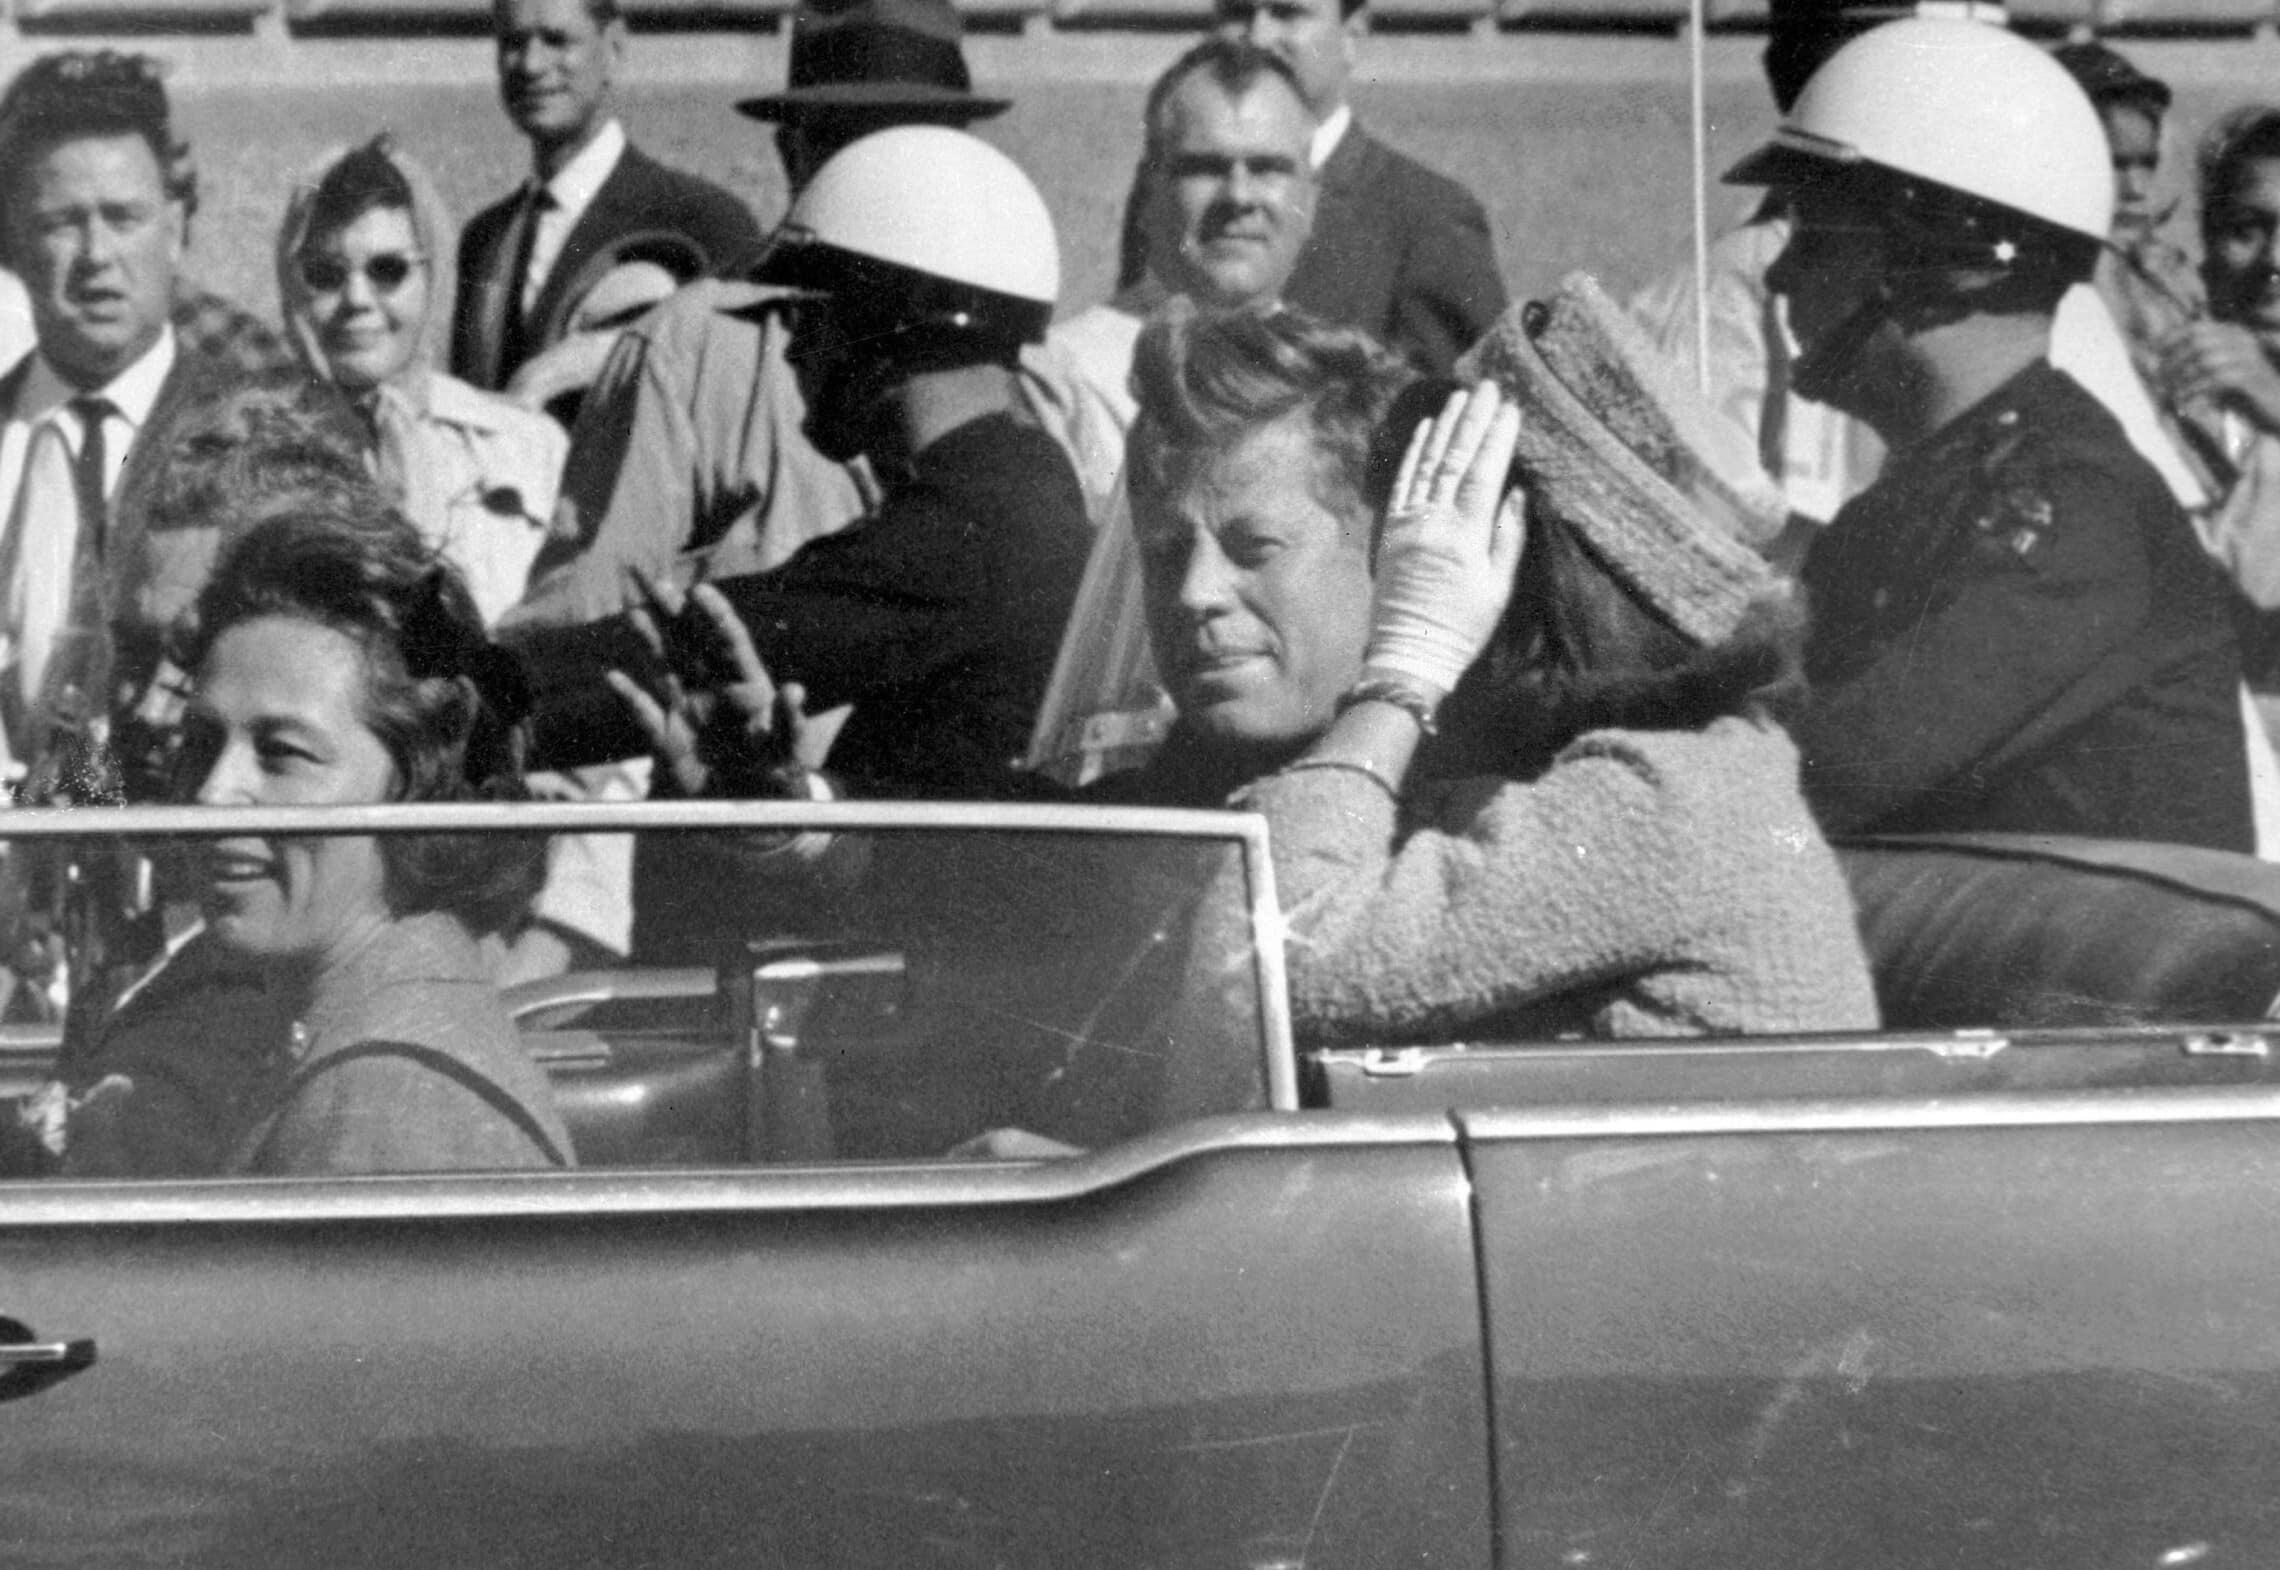 הנשיא ג'ון קנדי, דקות ספורות לפני שנורה למוות בשיירה בדאלאס, 22 בנובמבר 1963 (צילום: AP Photo/Jim Altgens)